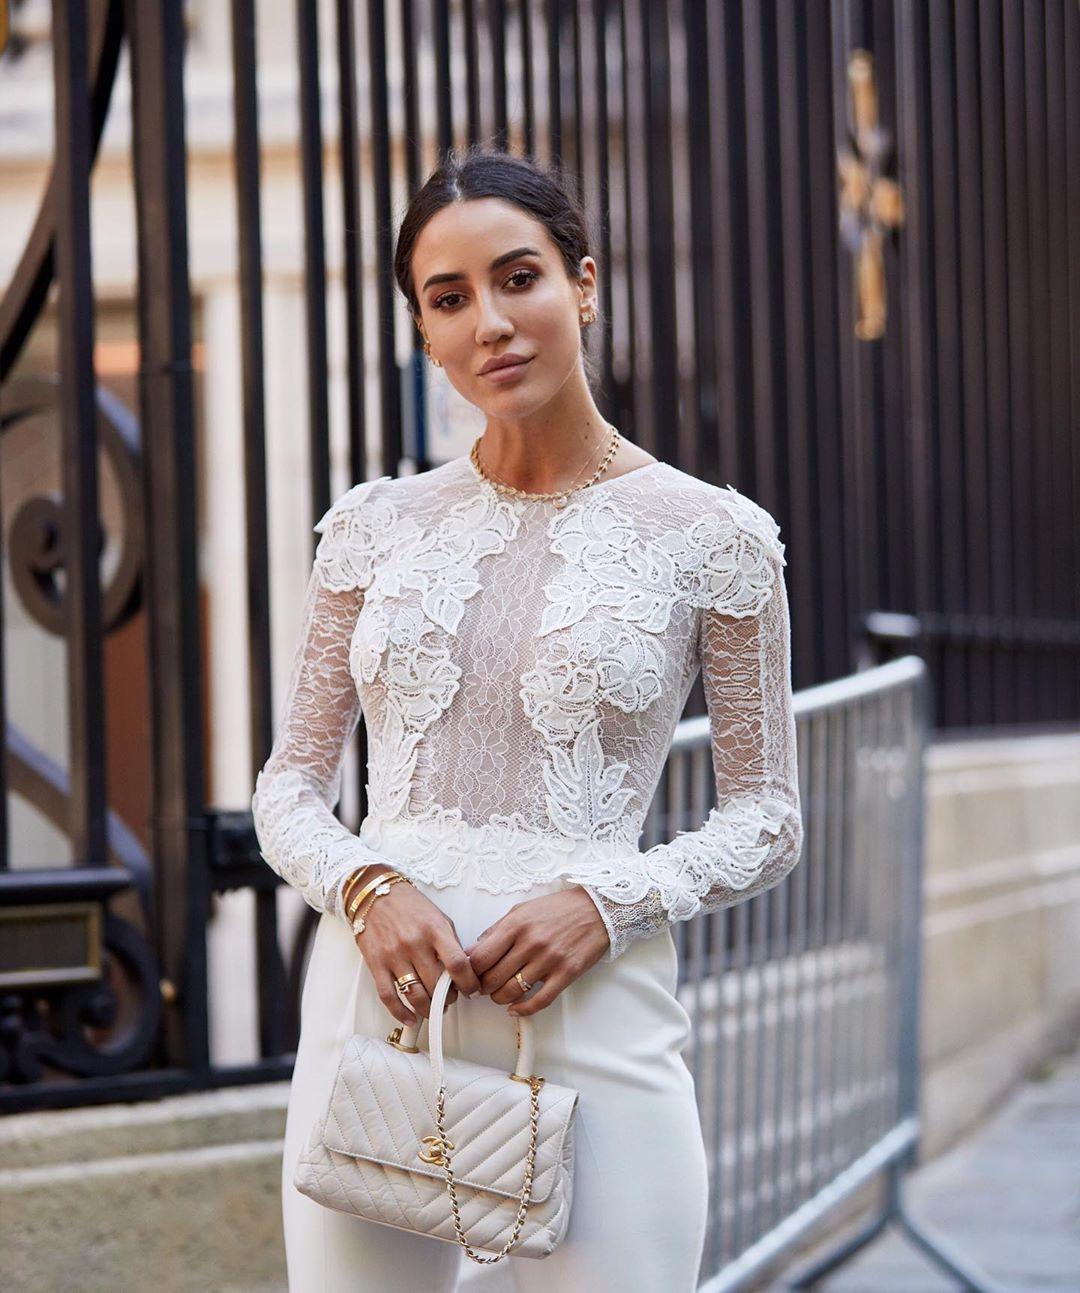 Dress code formal - áo ren dài tay và quần âu trắng